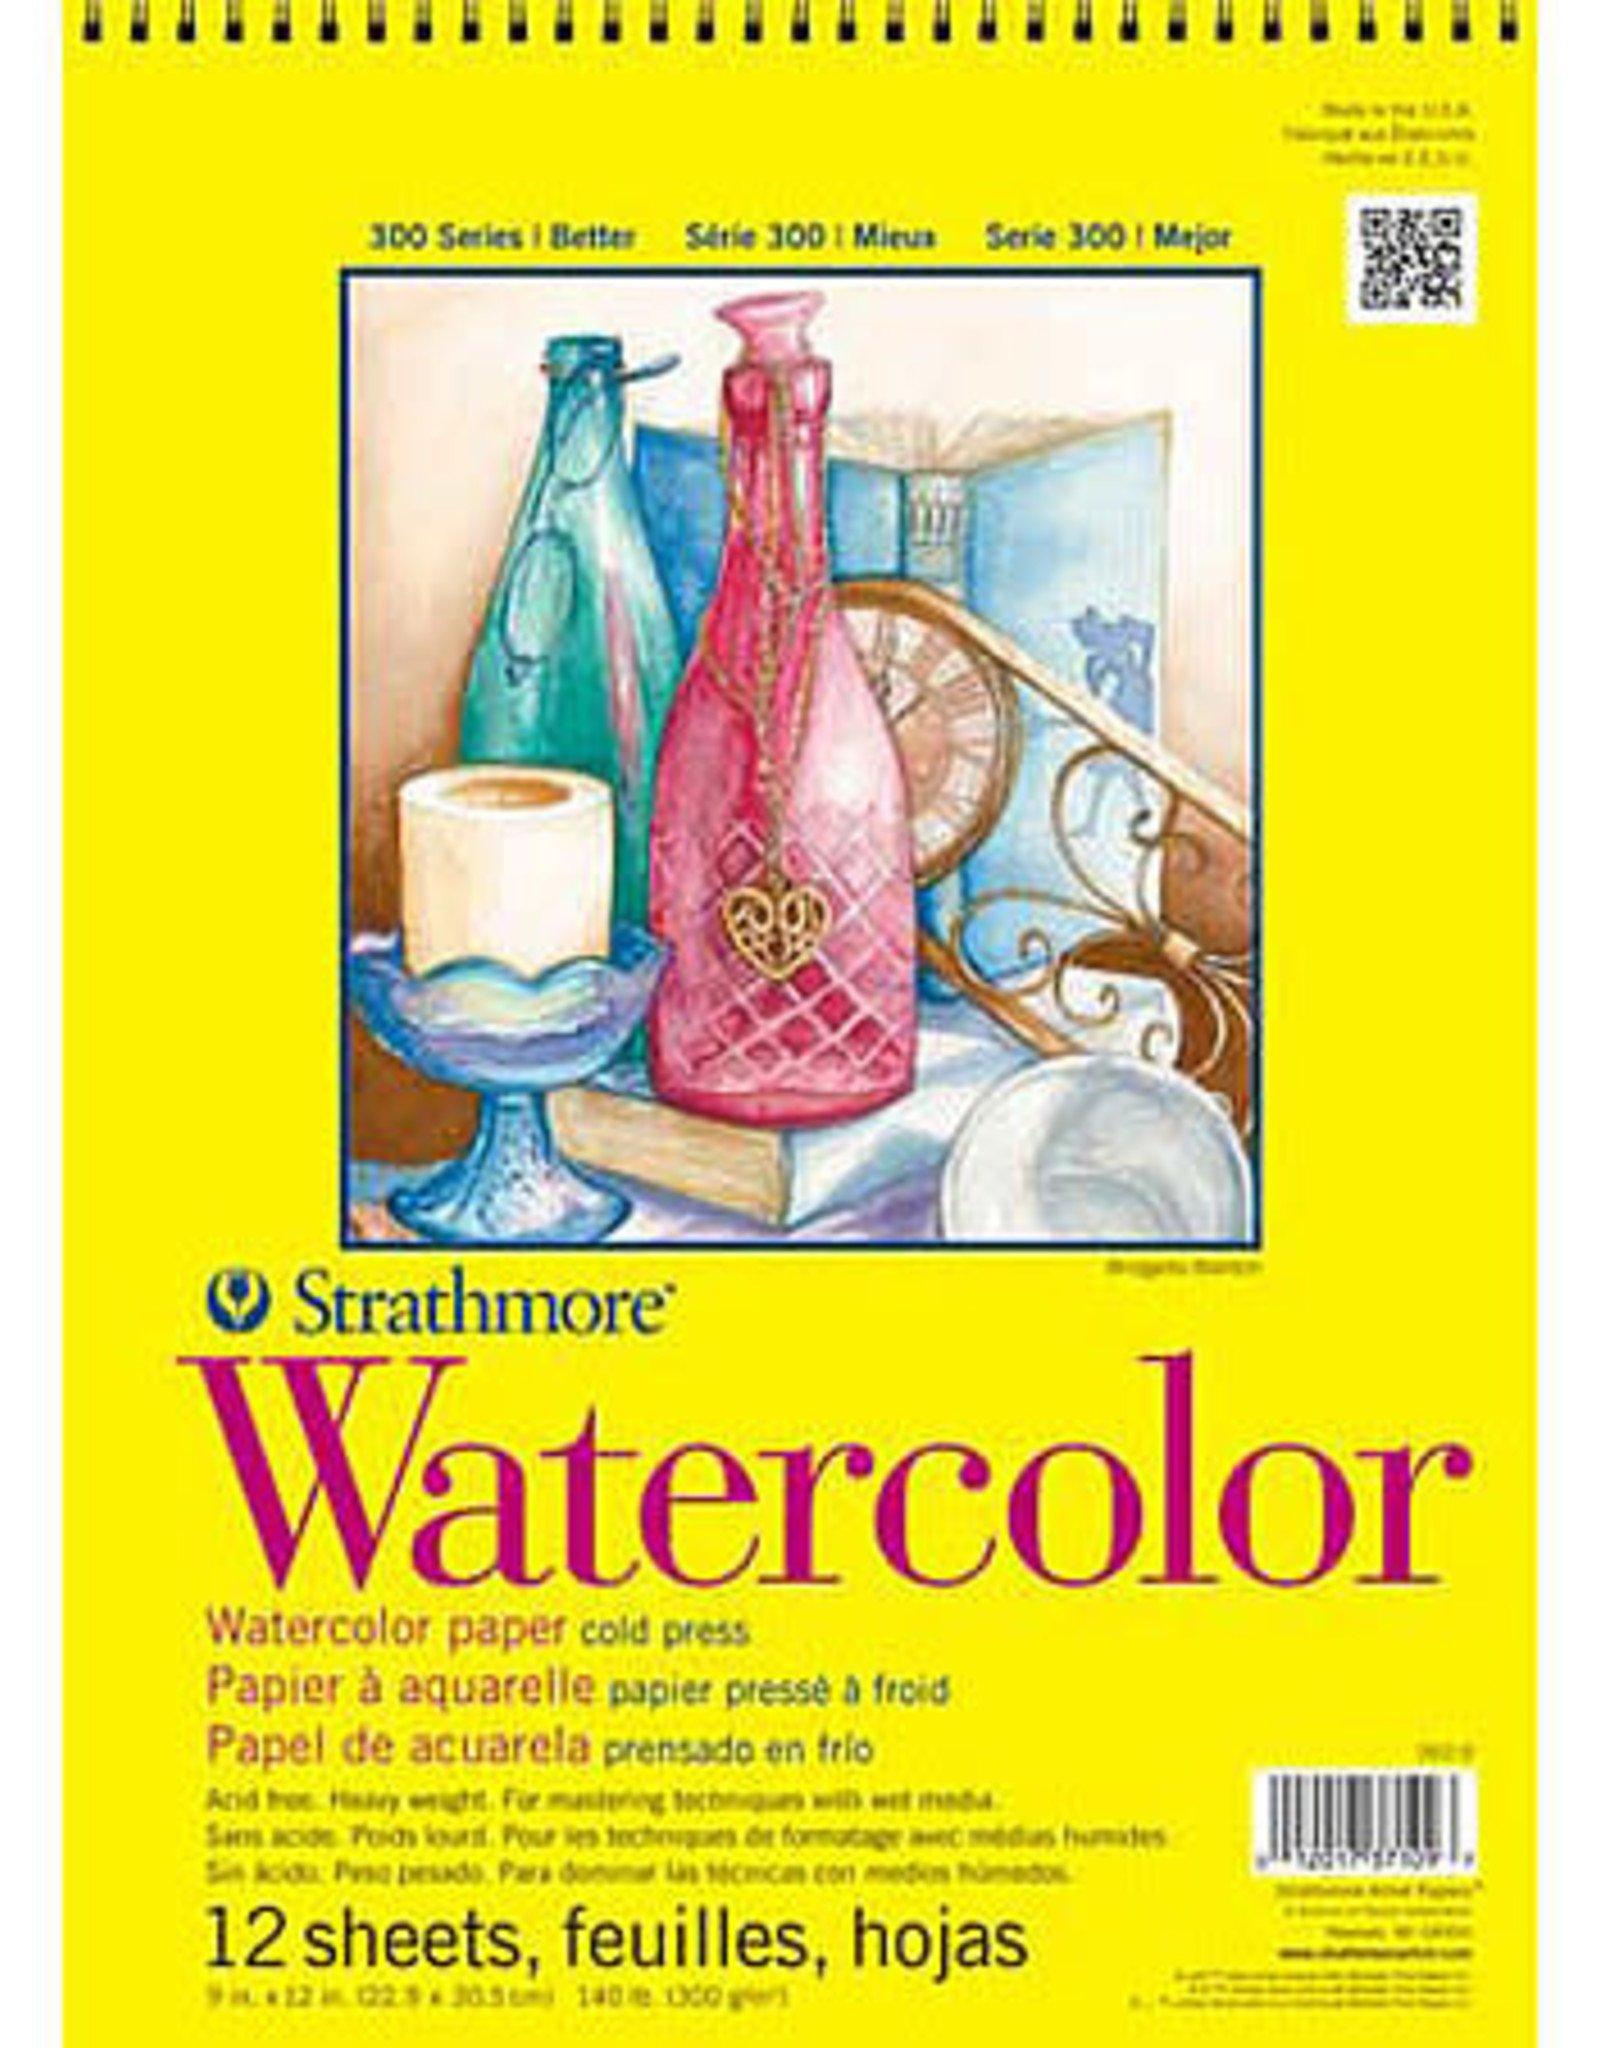 Watercolor Pad 300 Series